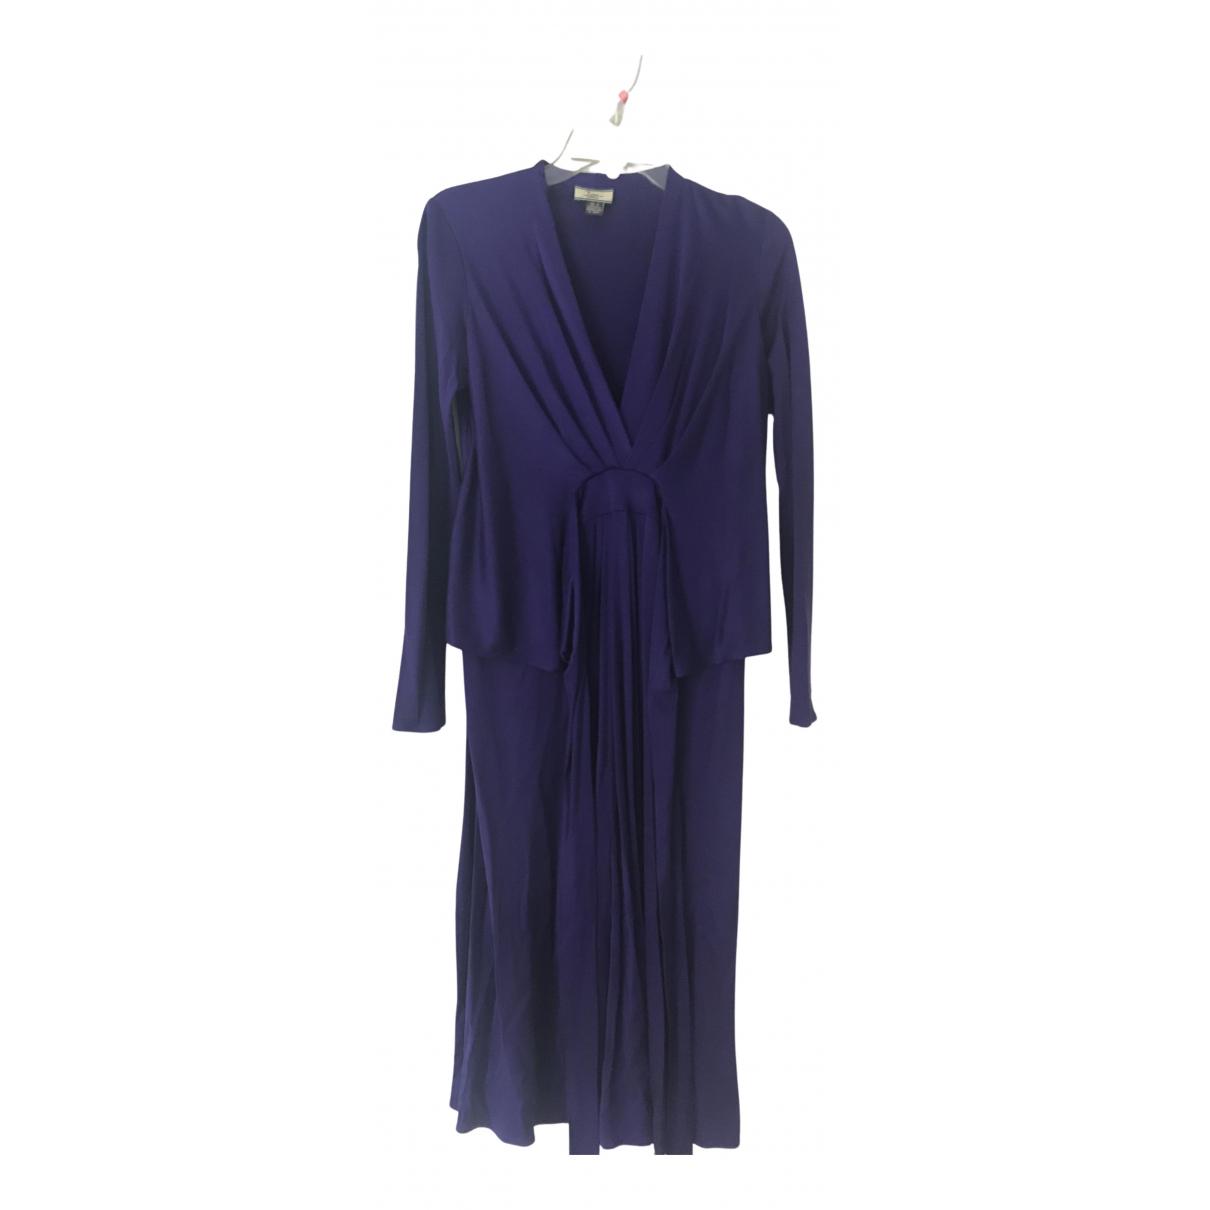 Issa \N Kleid in  Lila Seide